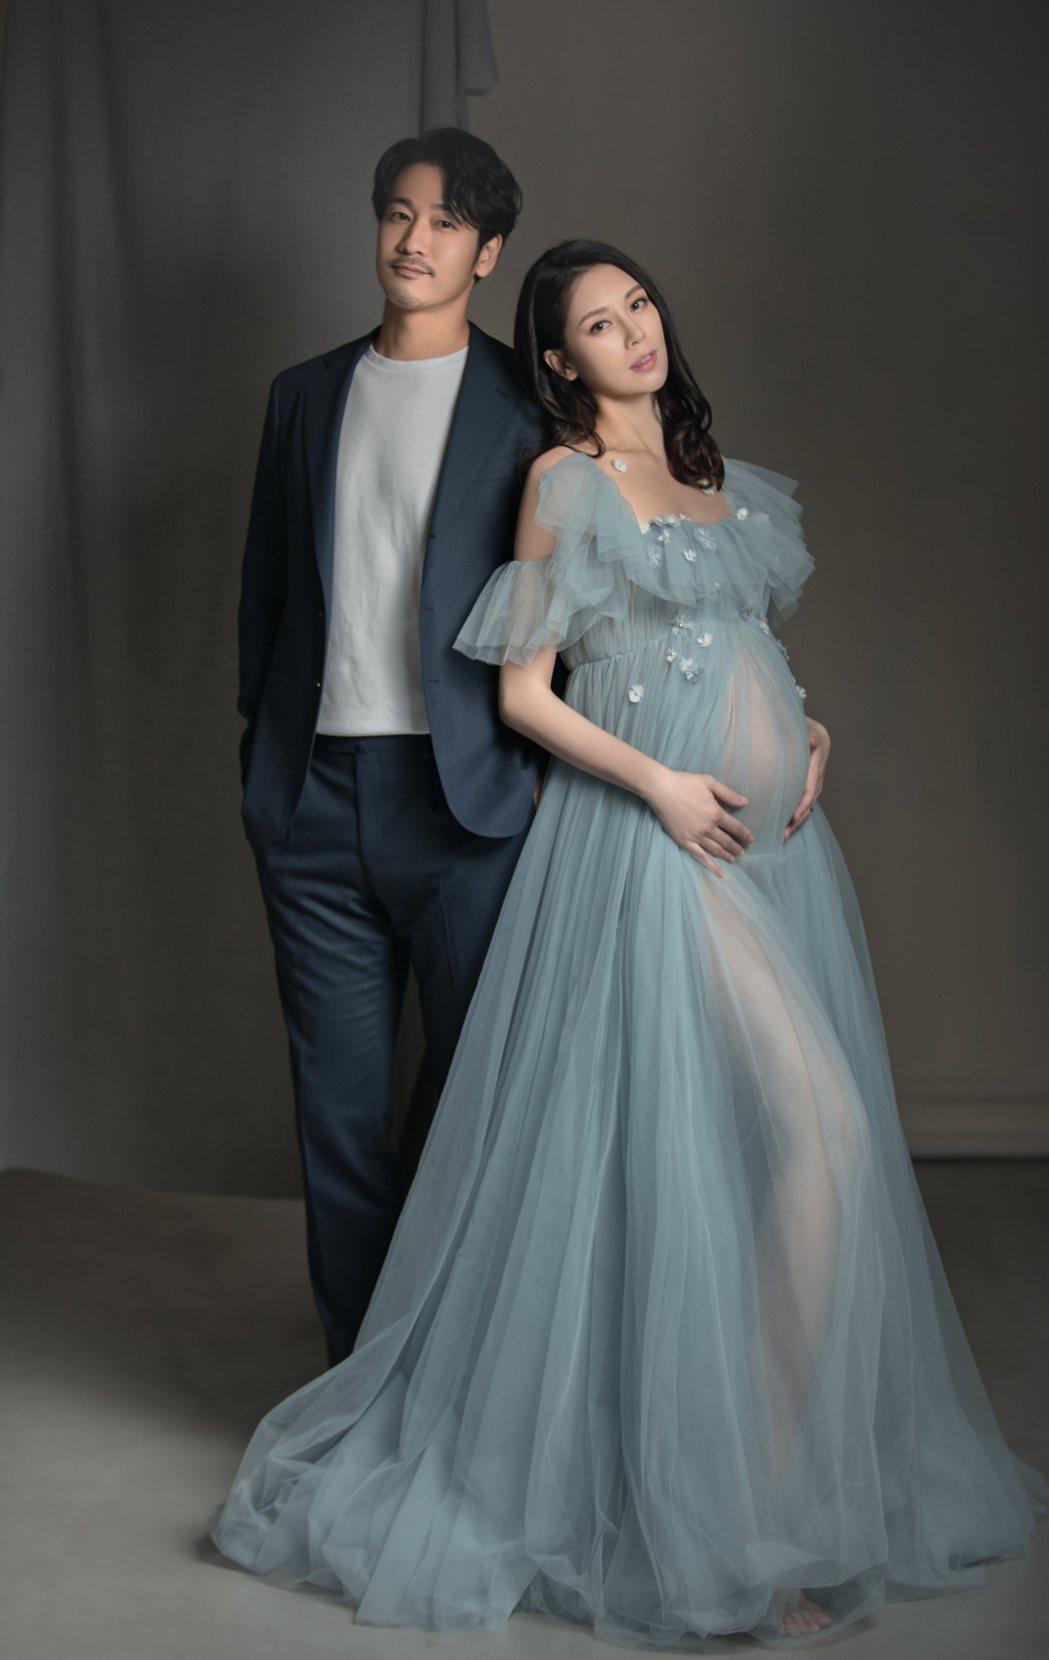 廖奕琁和老公鈴木有樹結婚3年,即將迎來家庭新生命。圗/凱渥提供